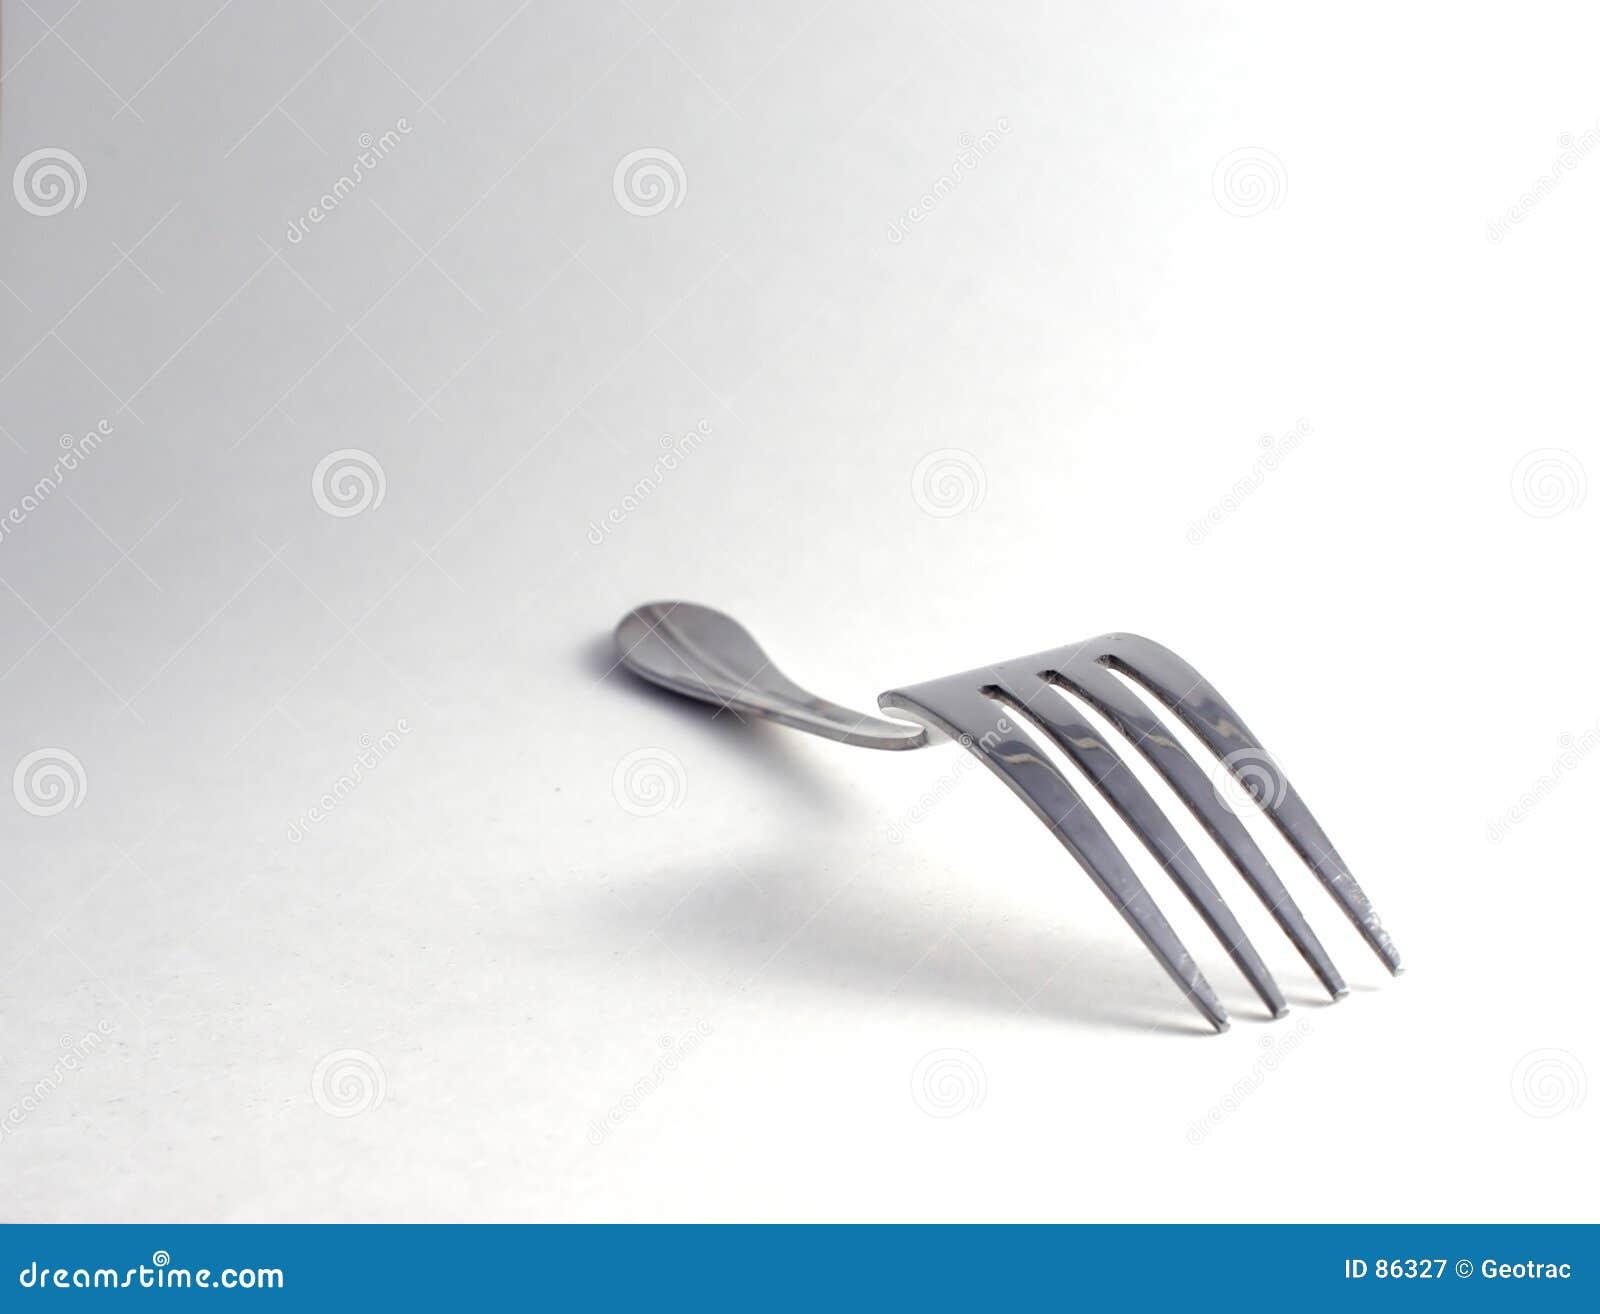 De vork van de lijst